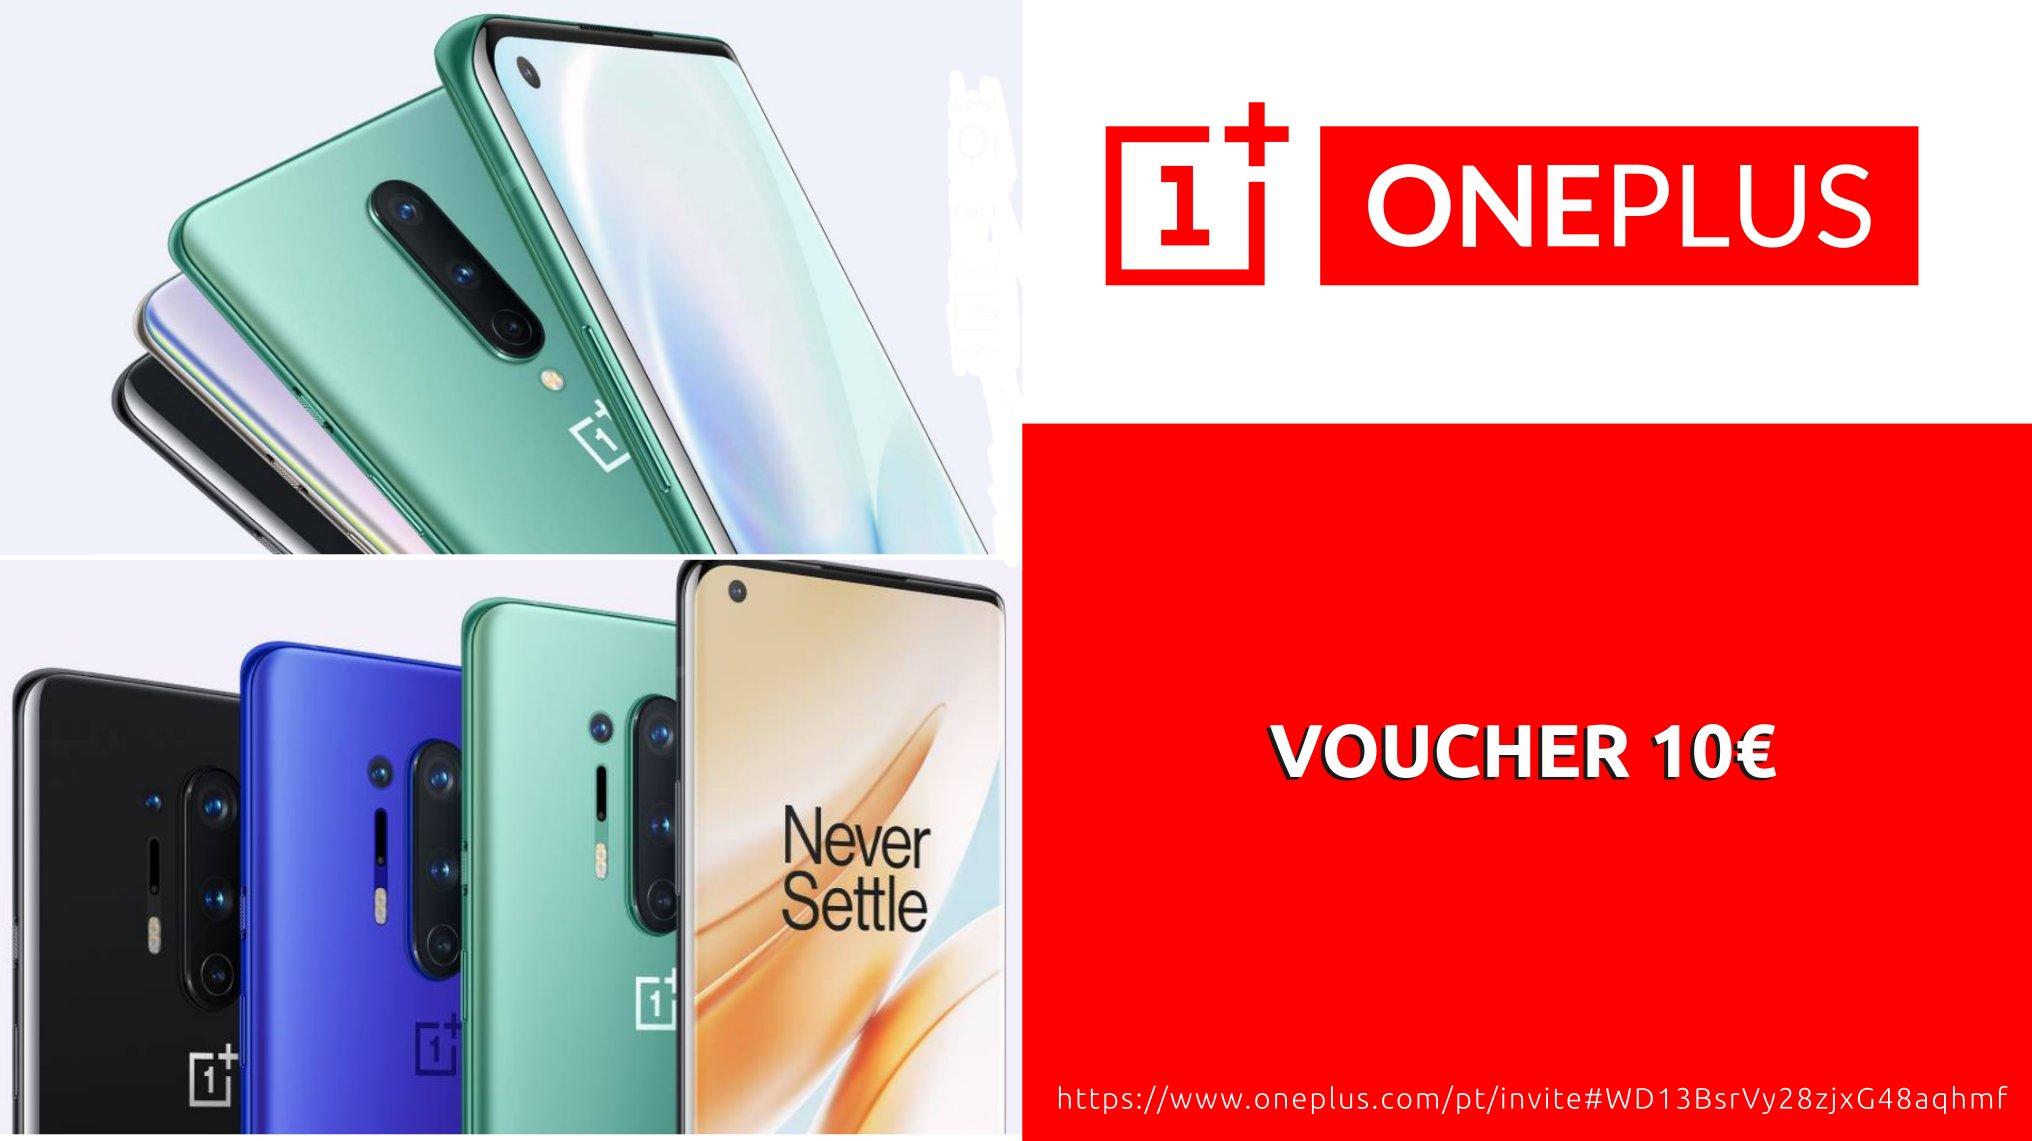 OnePlus - Voucher 10€